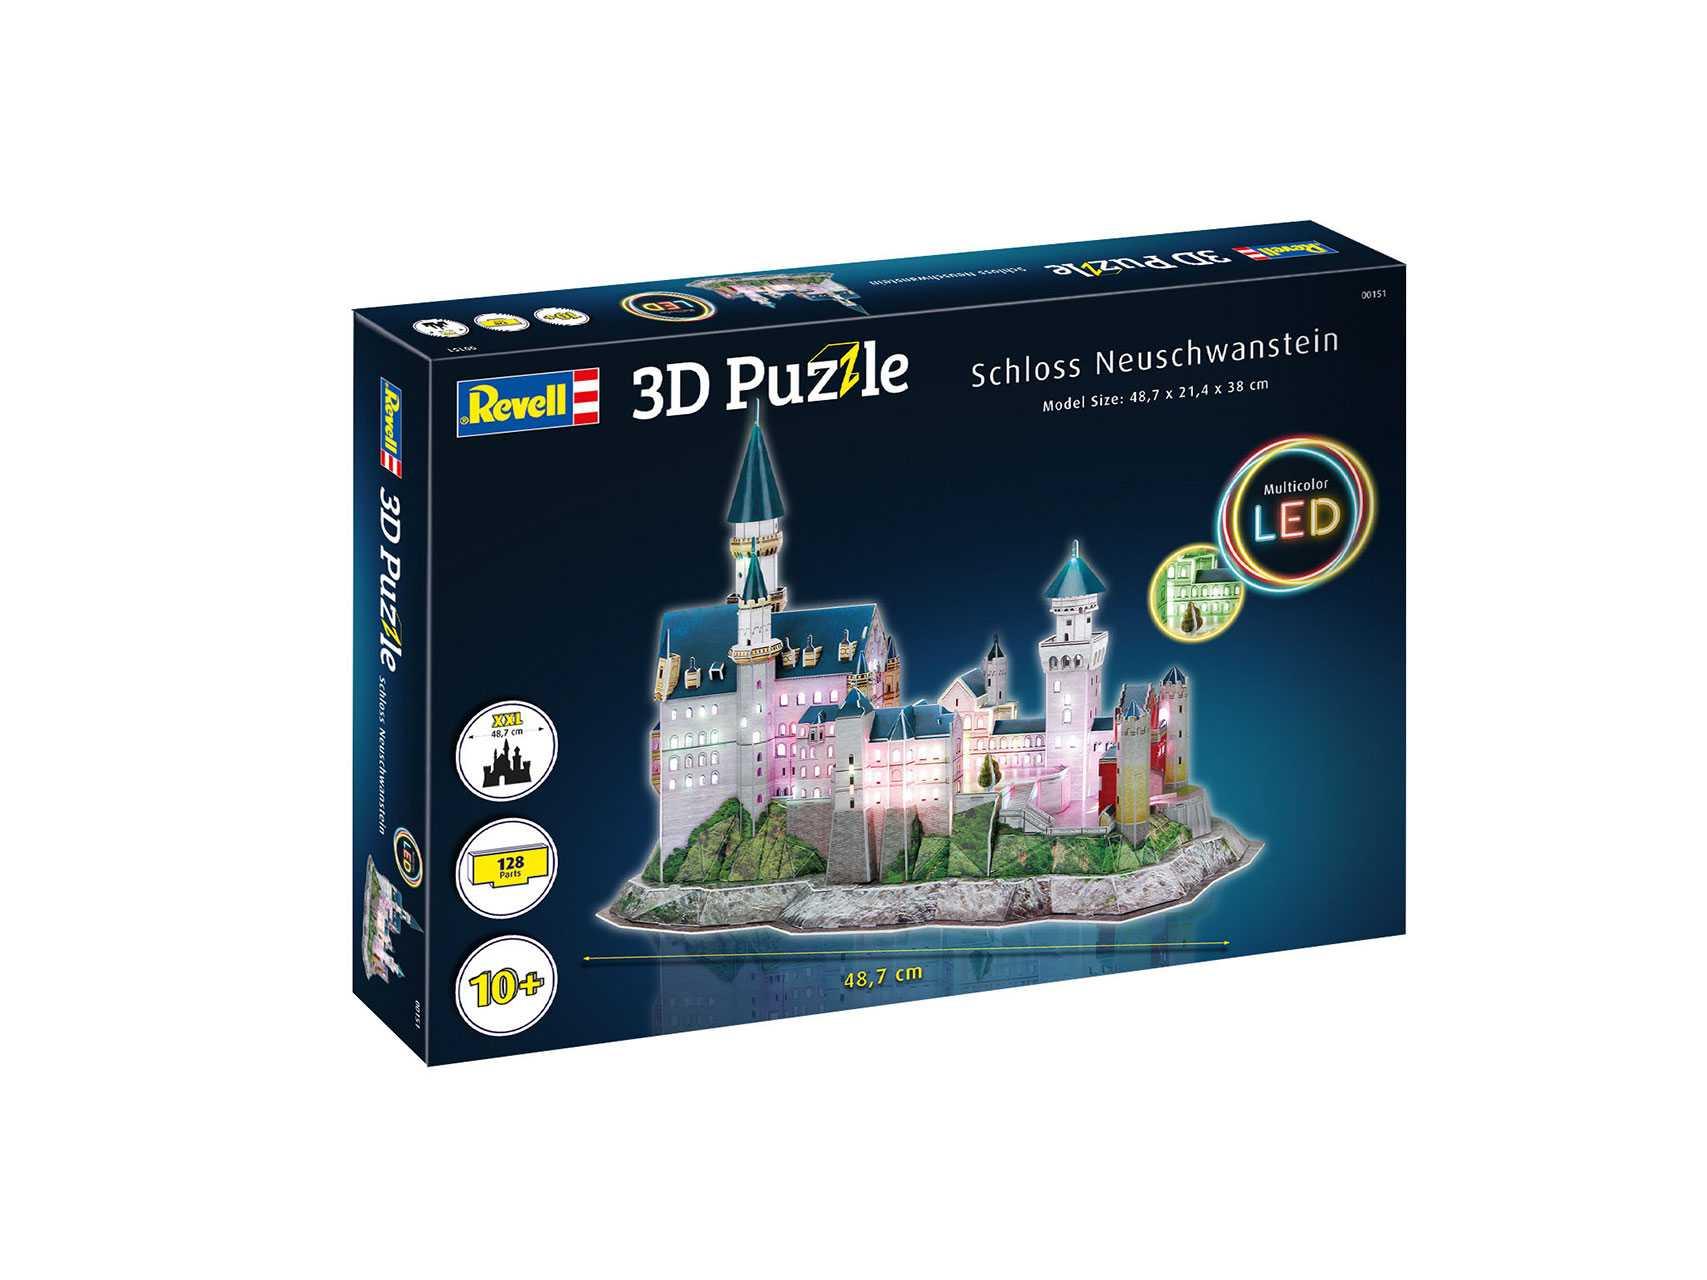 3D Puzzle Revell – Schloss Neuschwanstein (LED Edition)